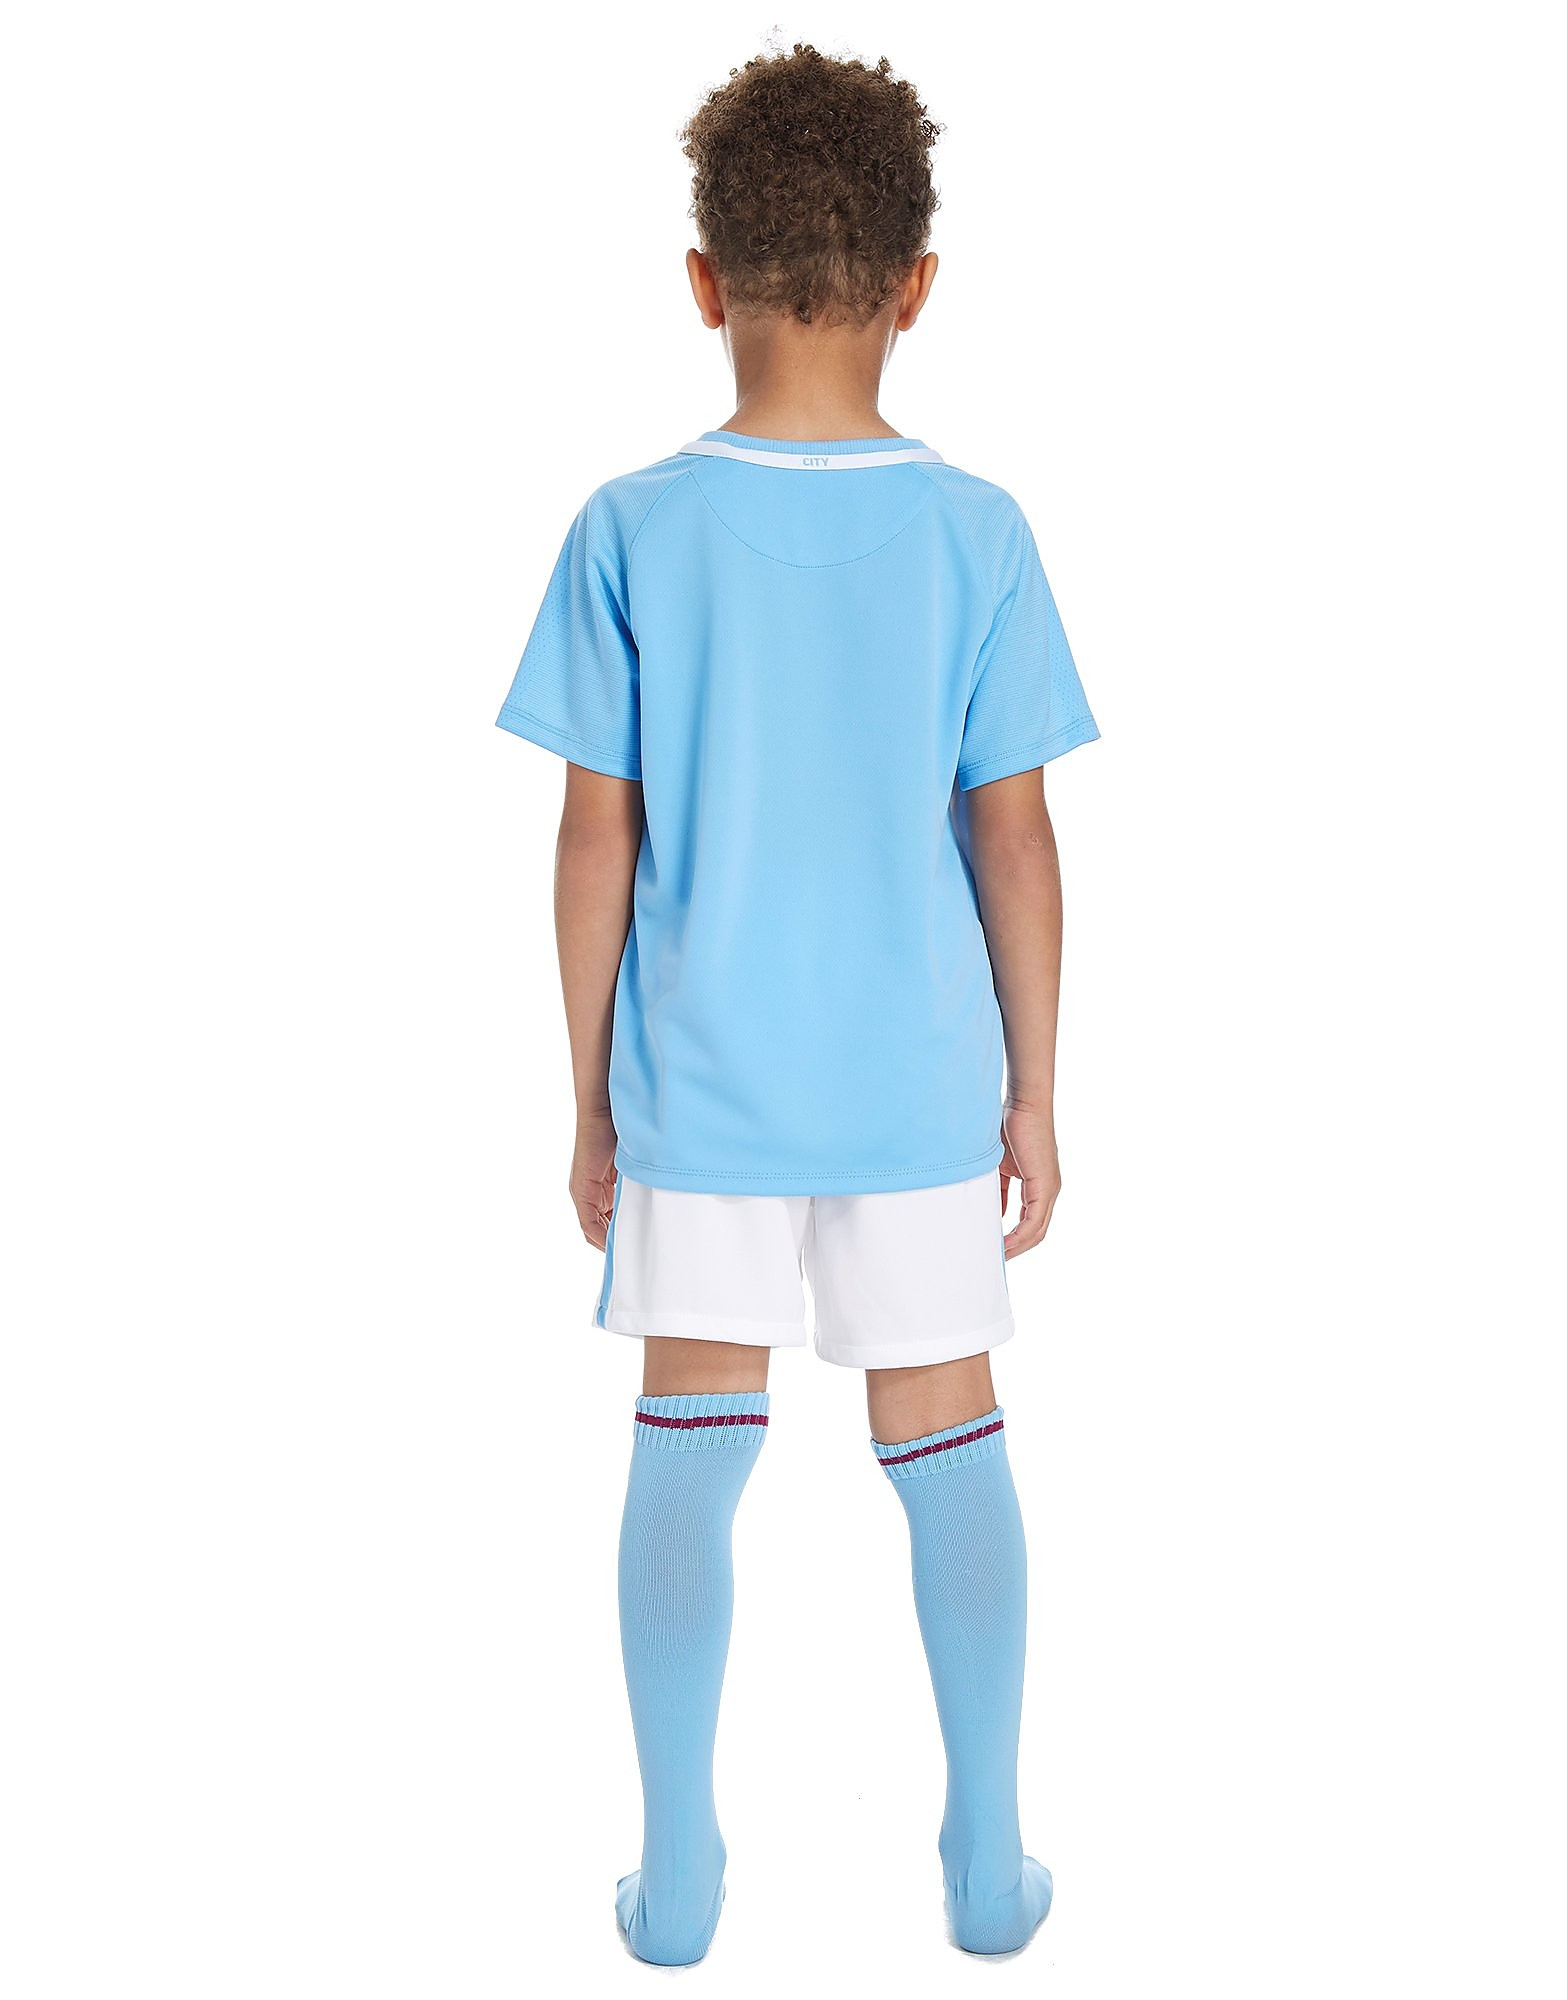 Nike Manchester City 2017/18 Home Kit Children